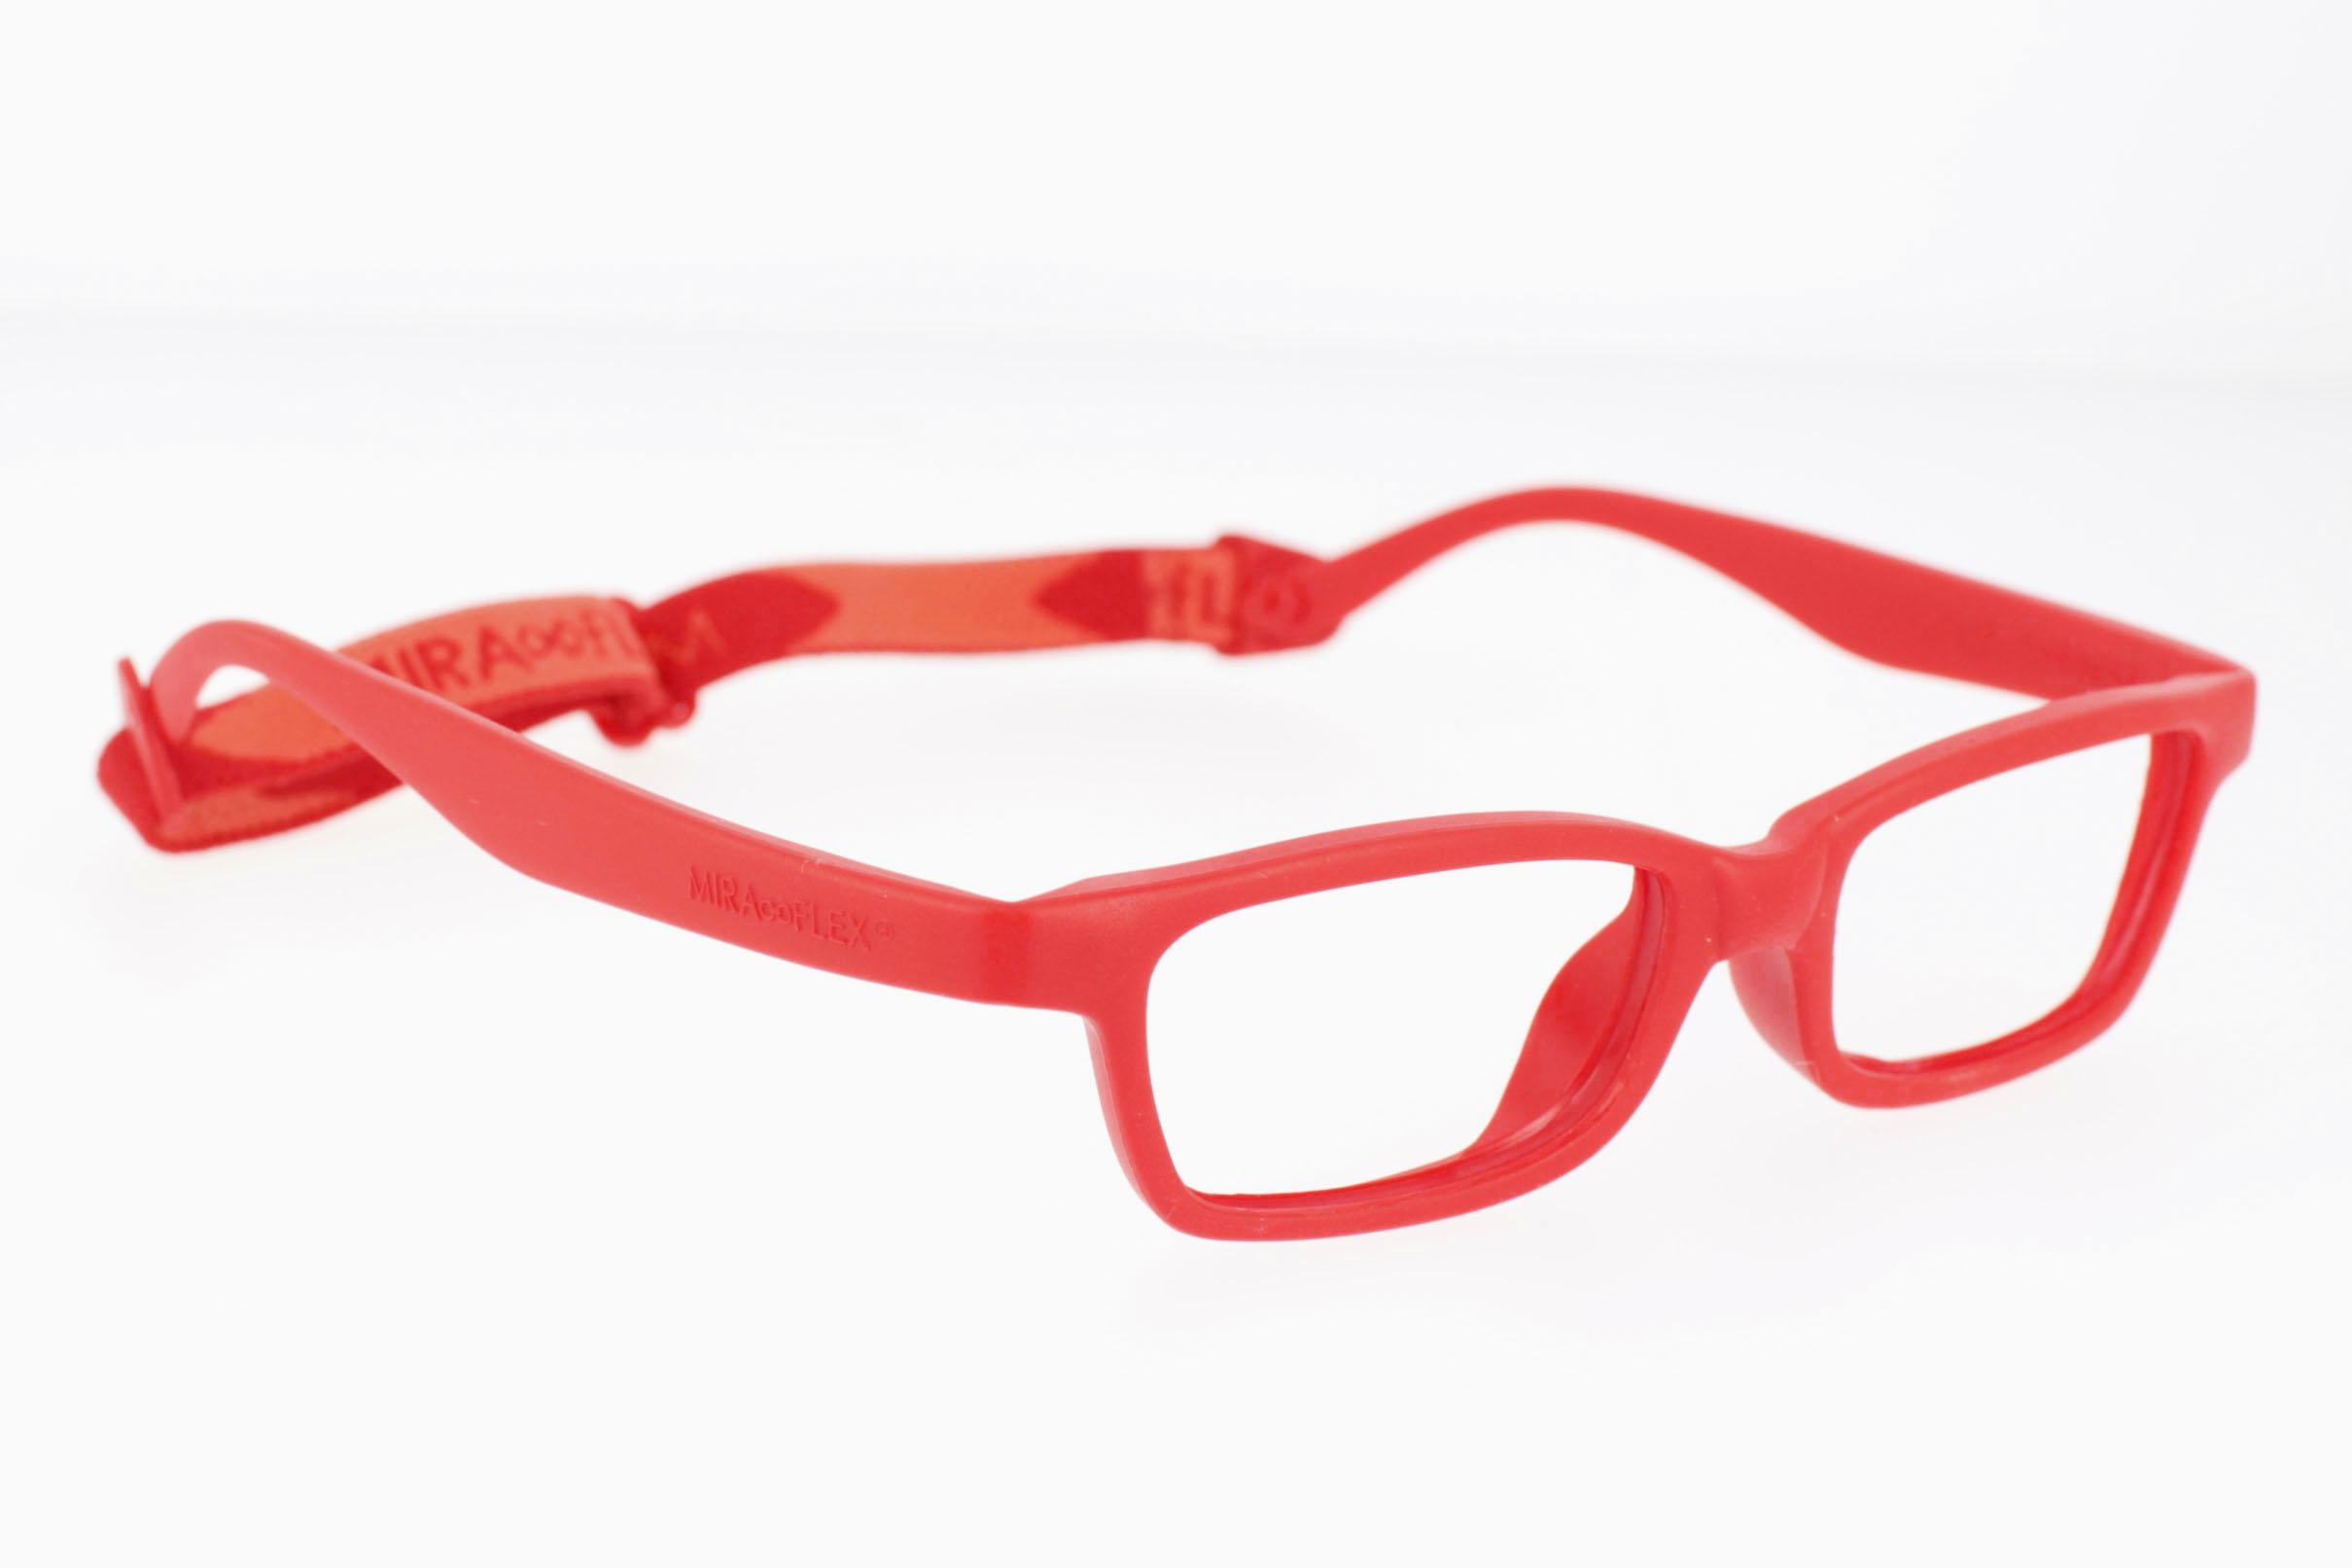 06e2a8561af Miraflex Mayan 39 Eyeglasses Red-I Mayan 39-I - Optiwow